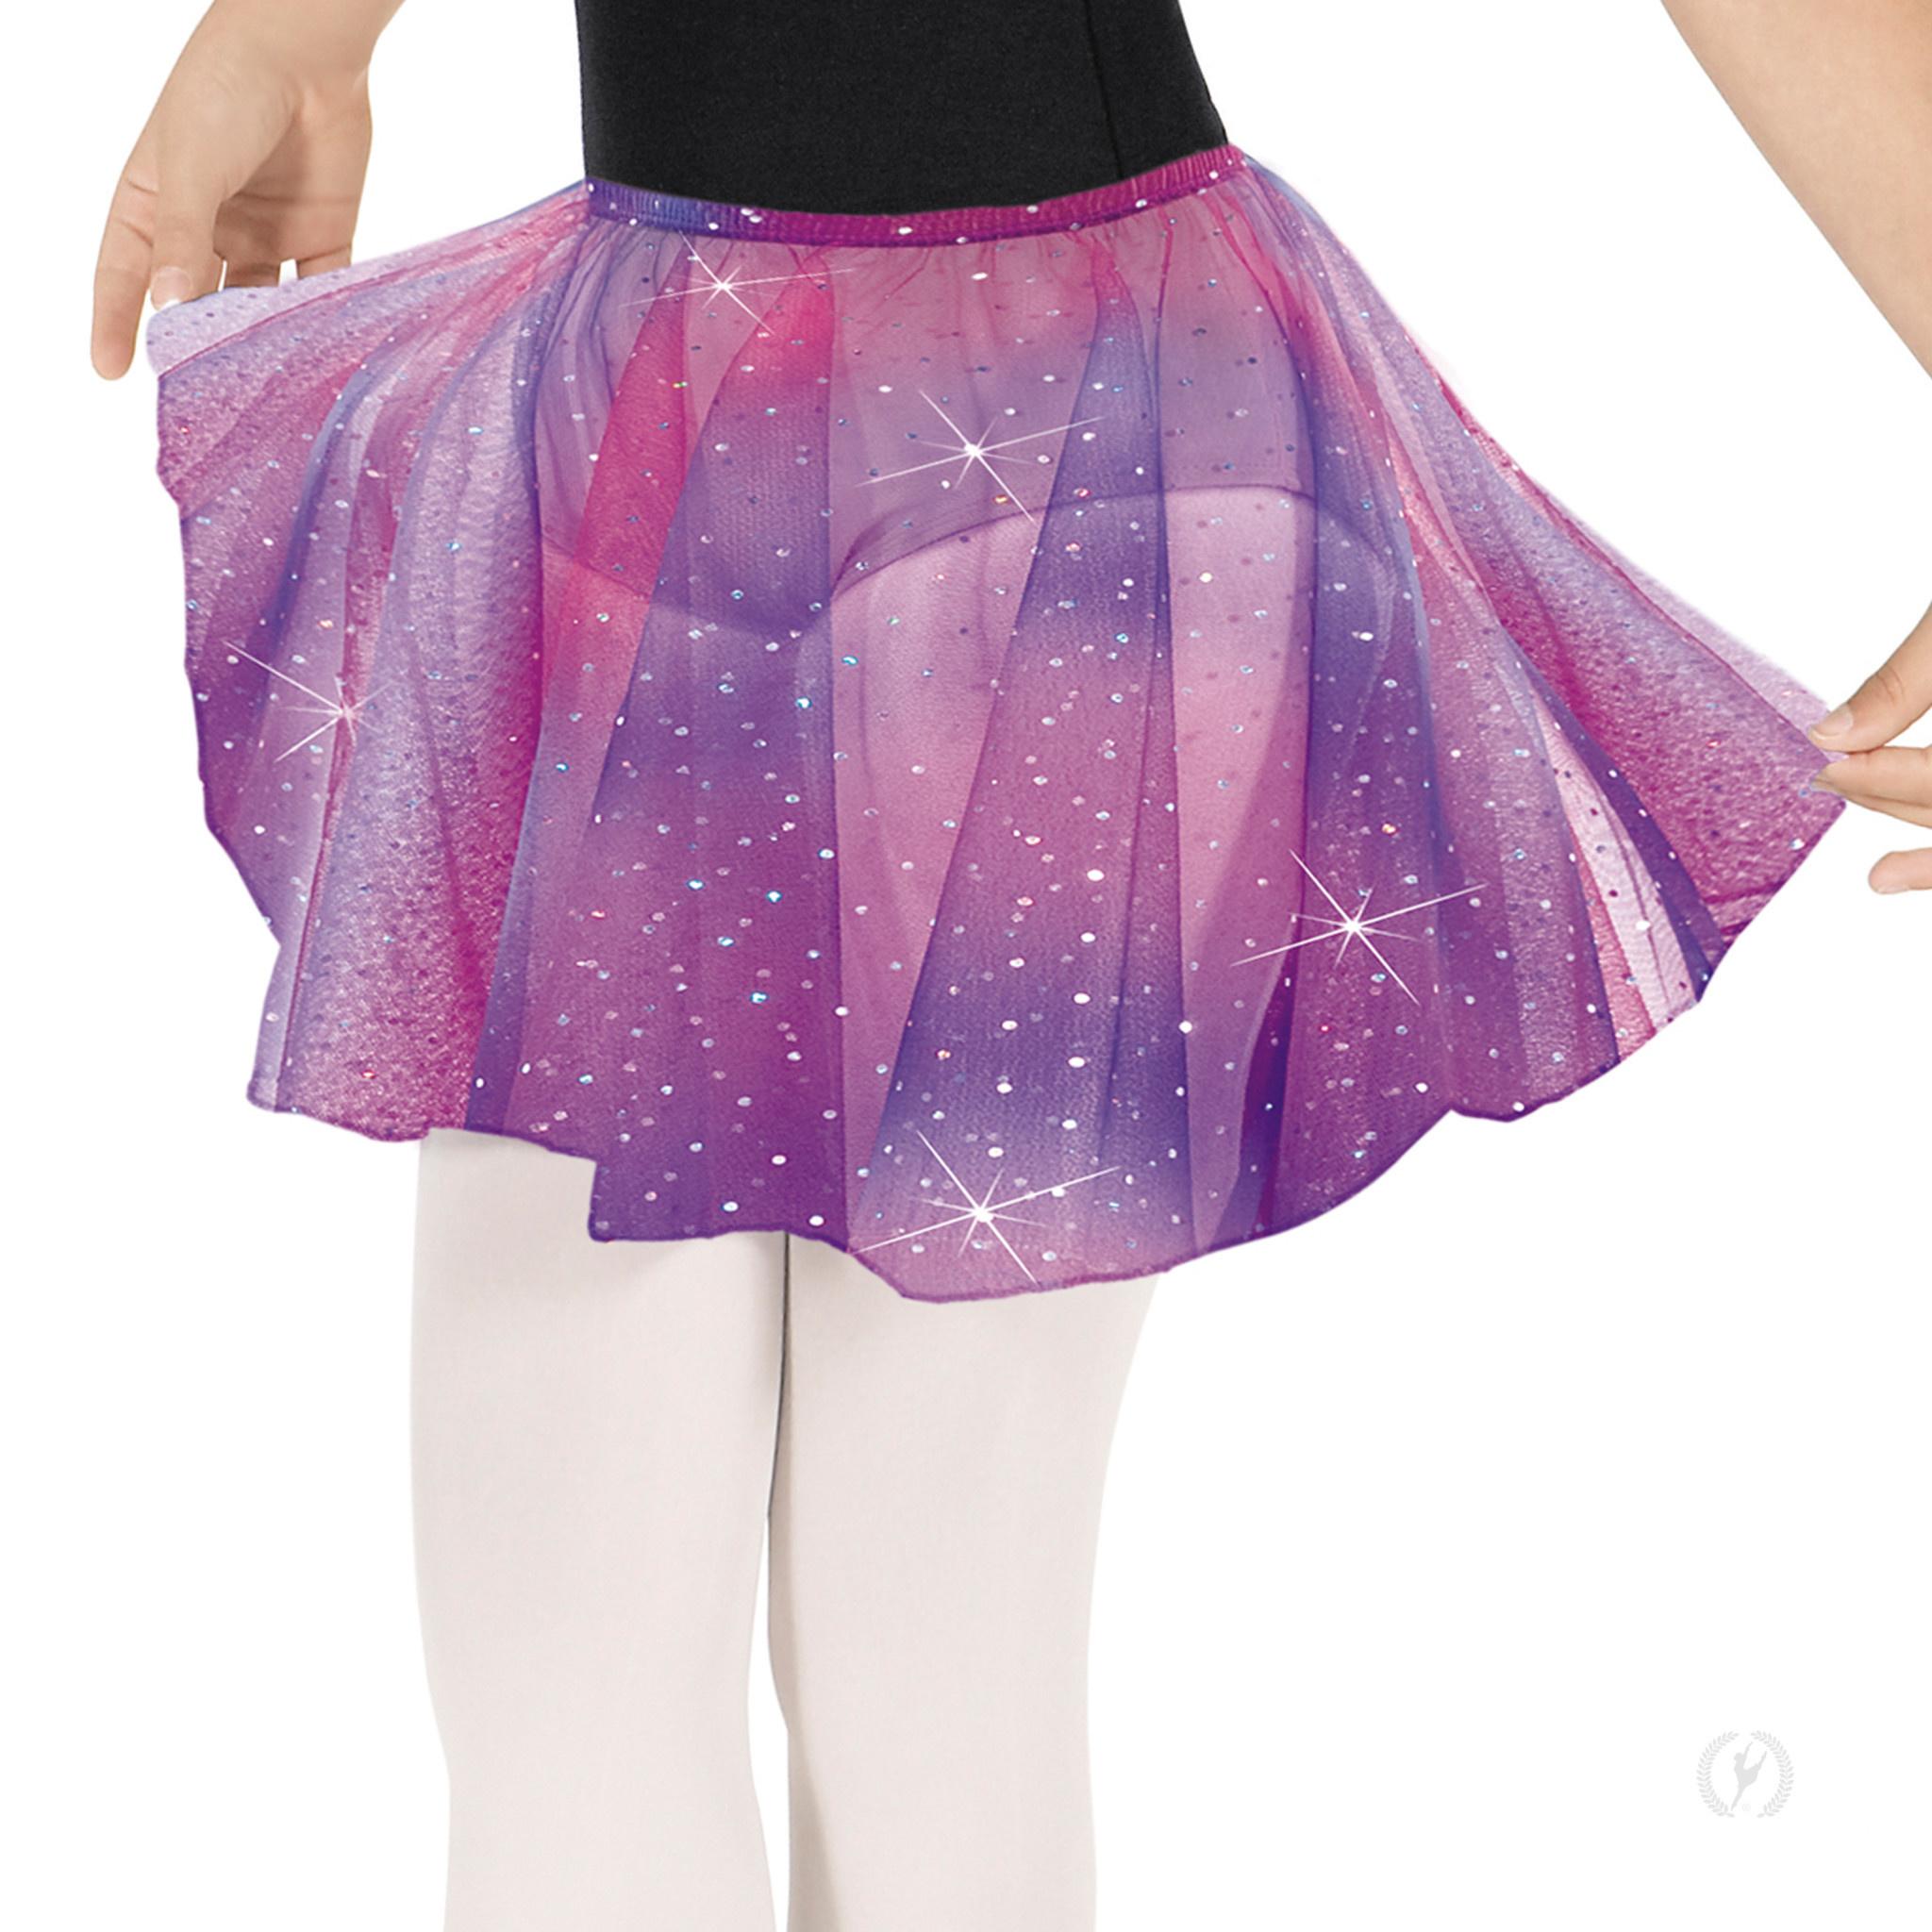 Eurotard 02283-Girls Sequin Tulle Pull On Skirt